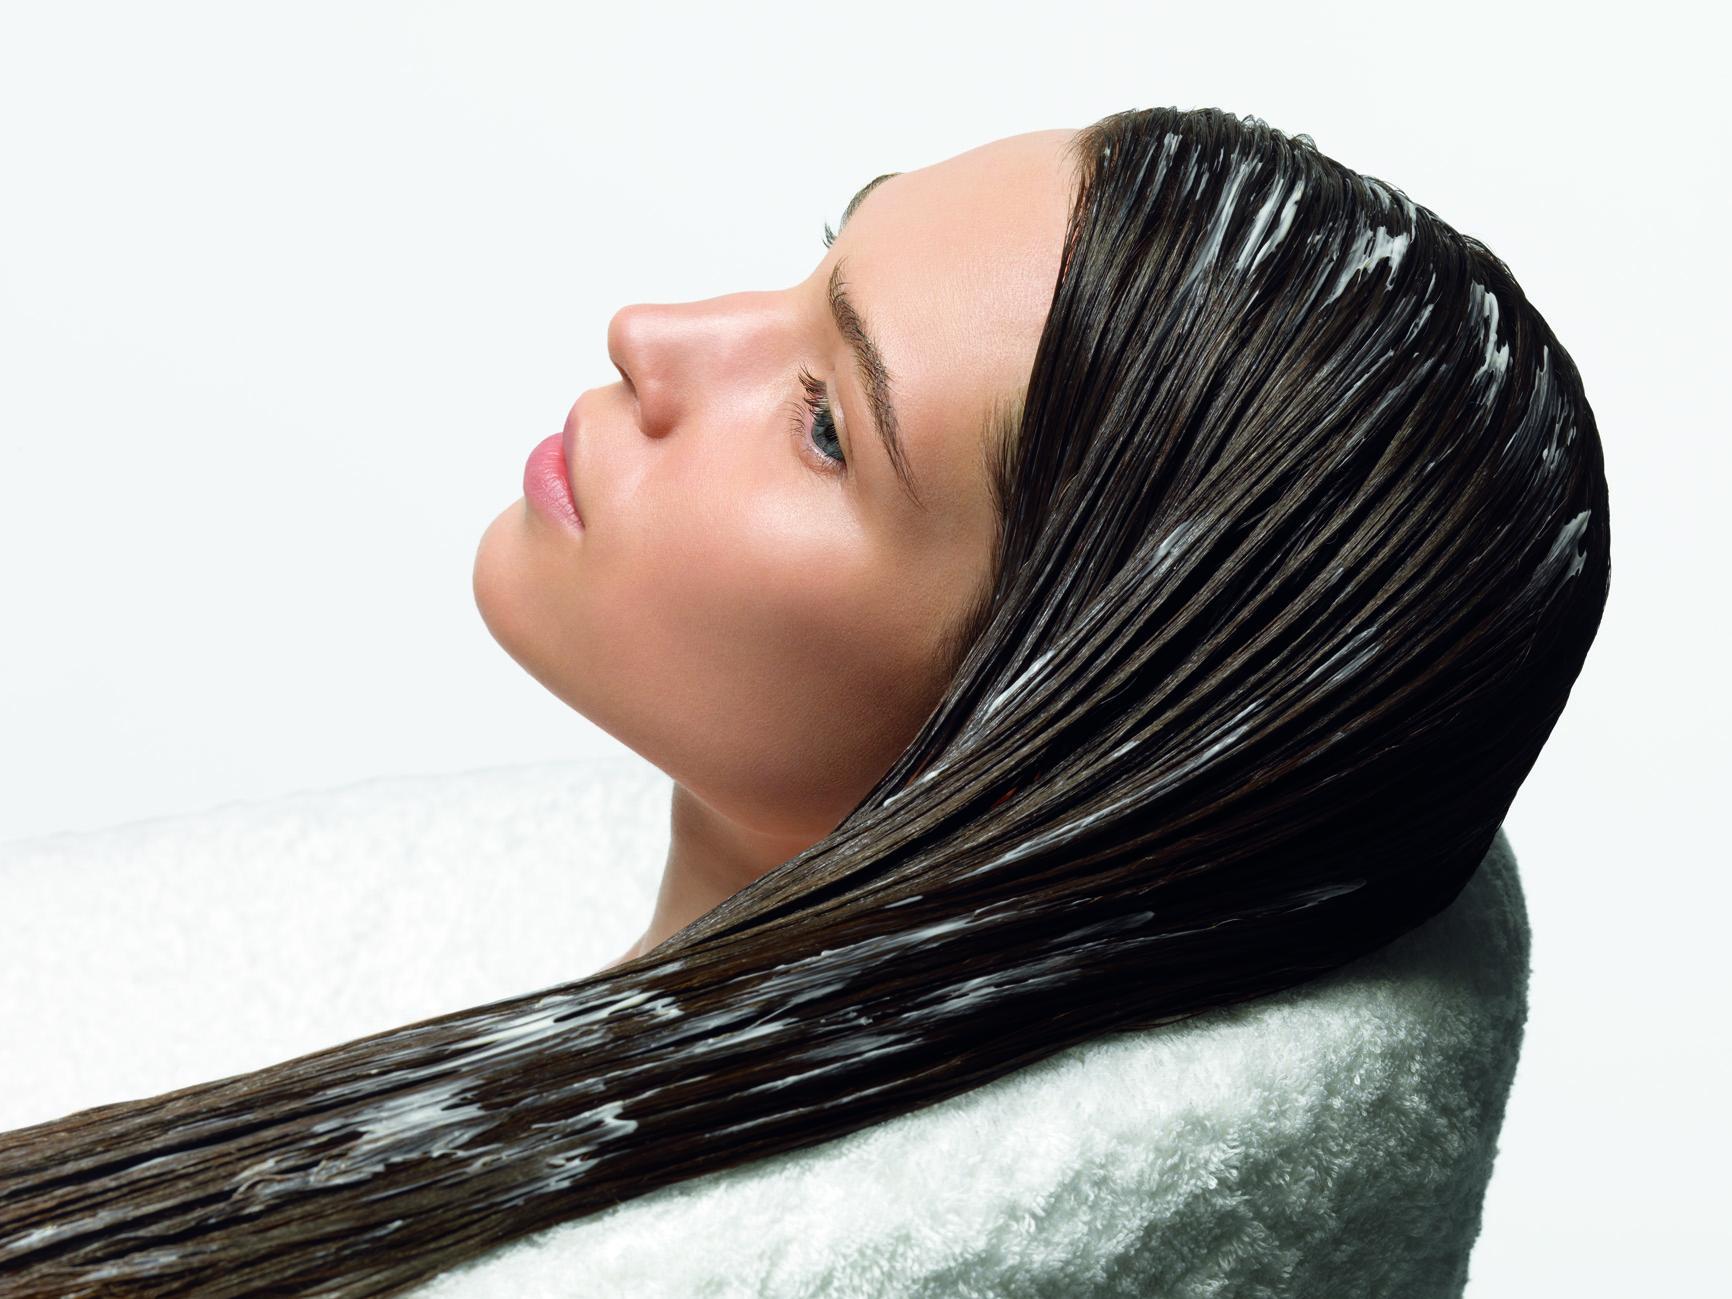 уход за волосами, как сделать волосы здоровыми и красивыми